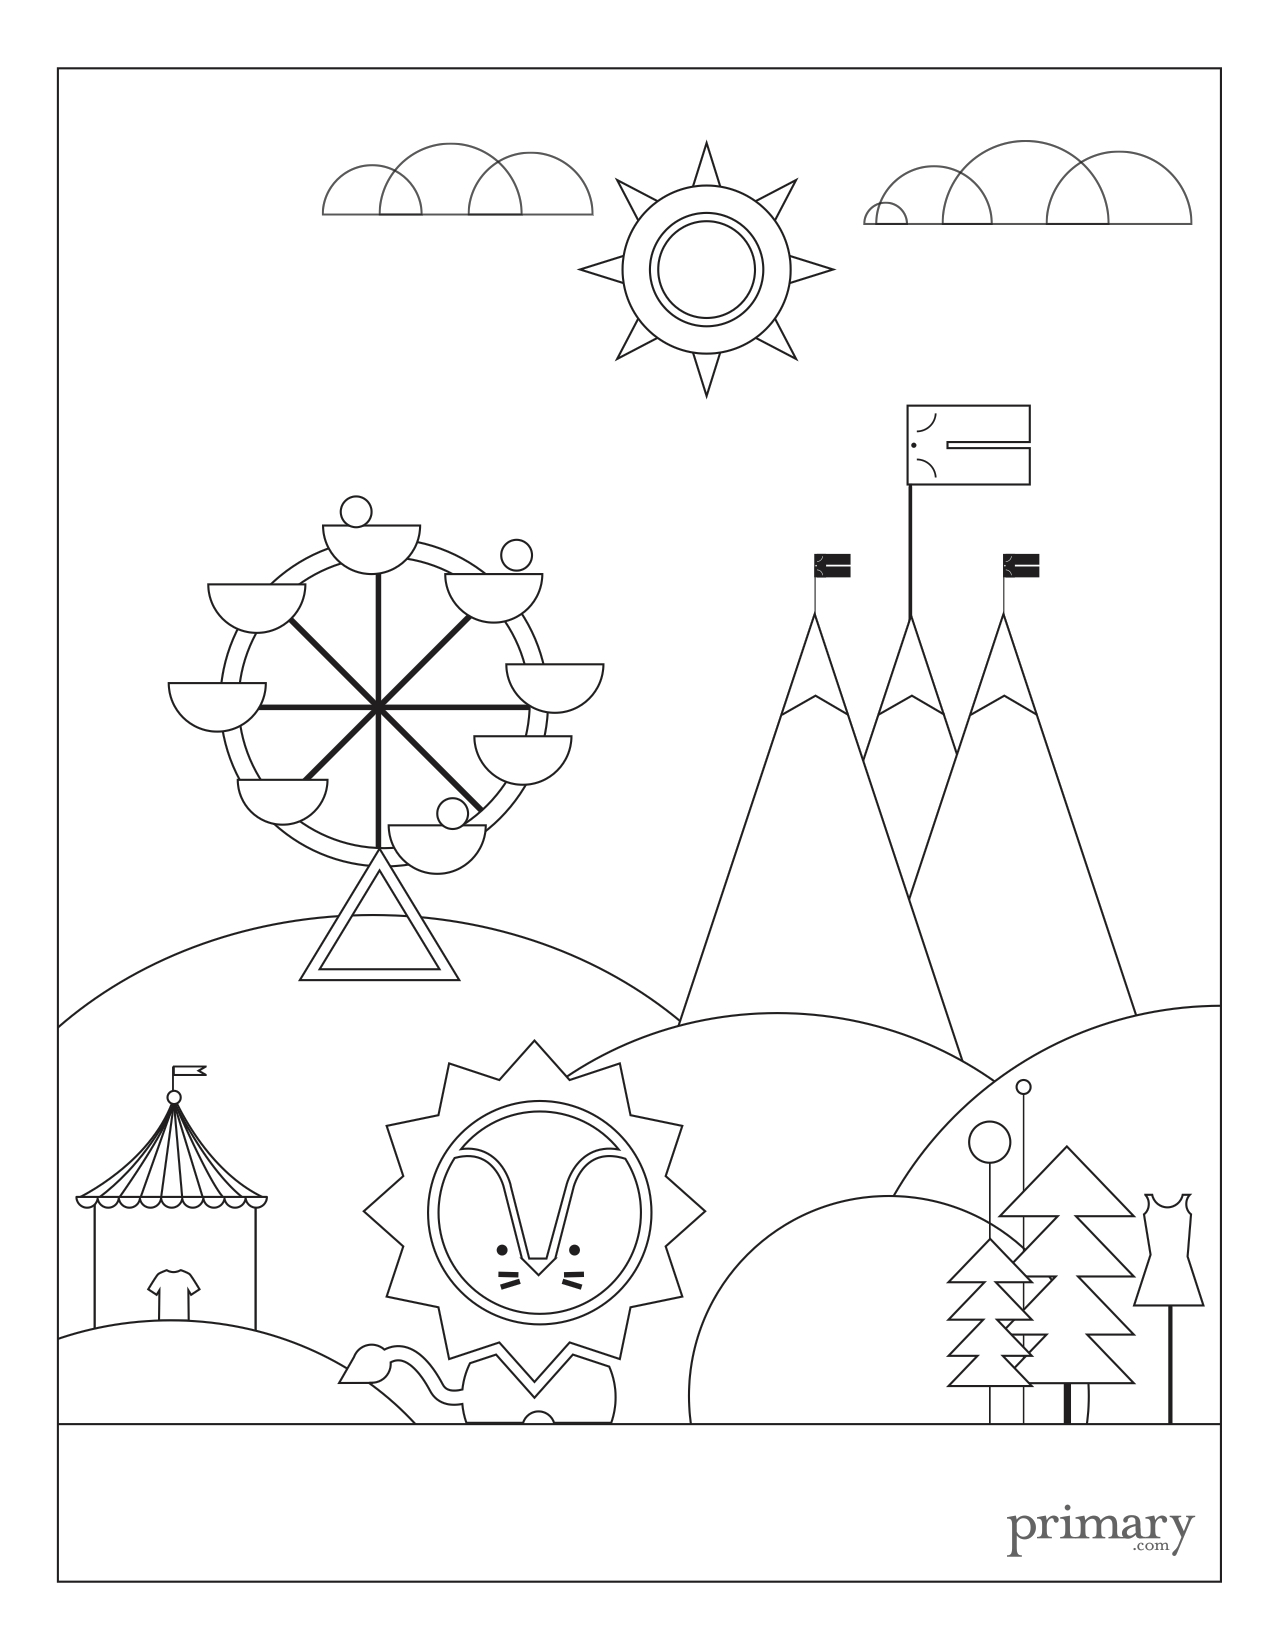 coloringSheet_3.jpg